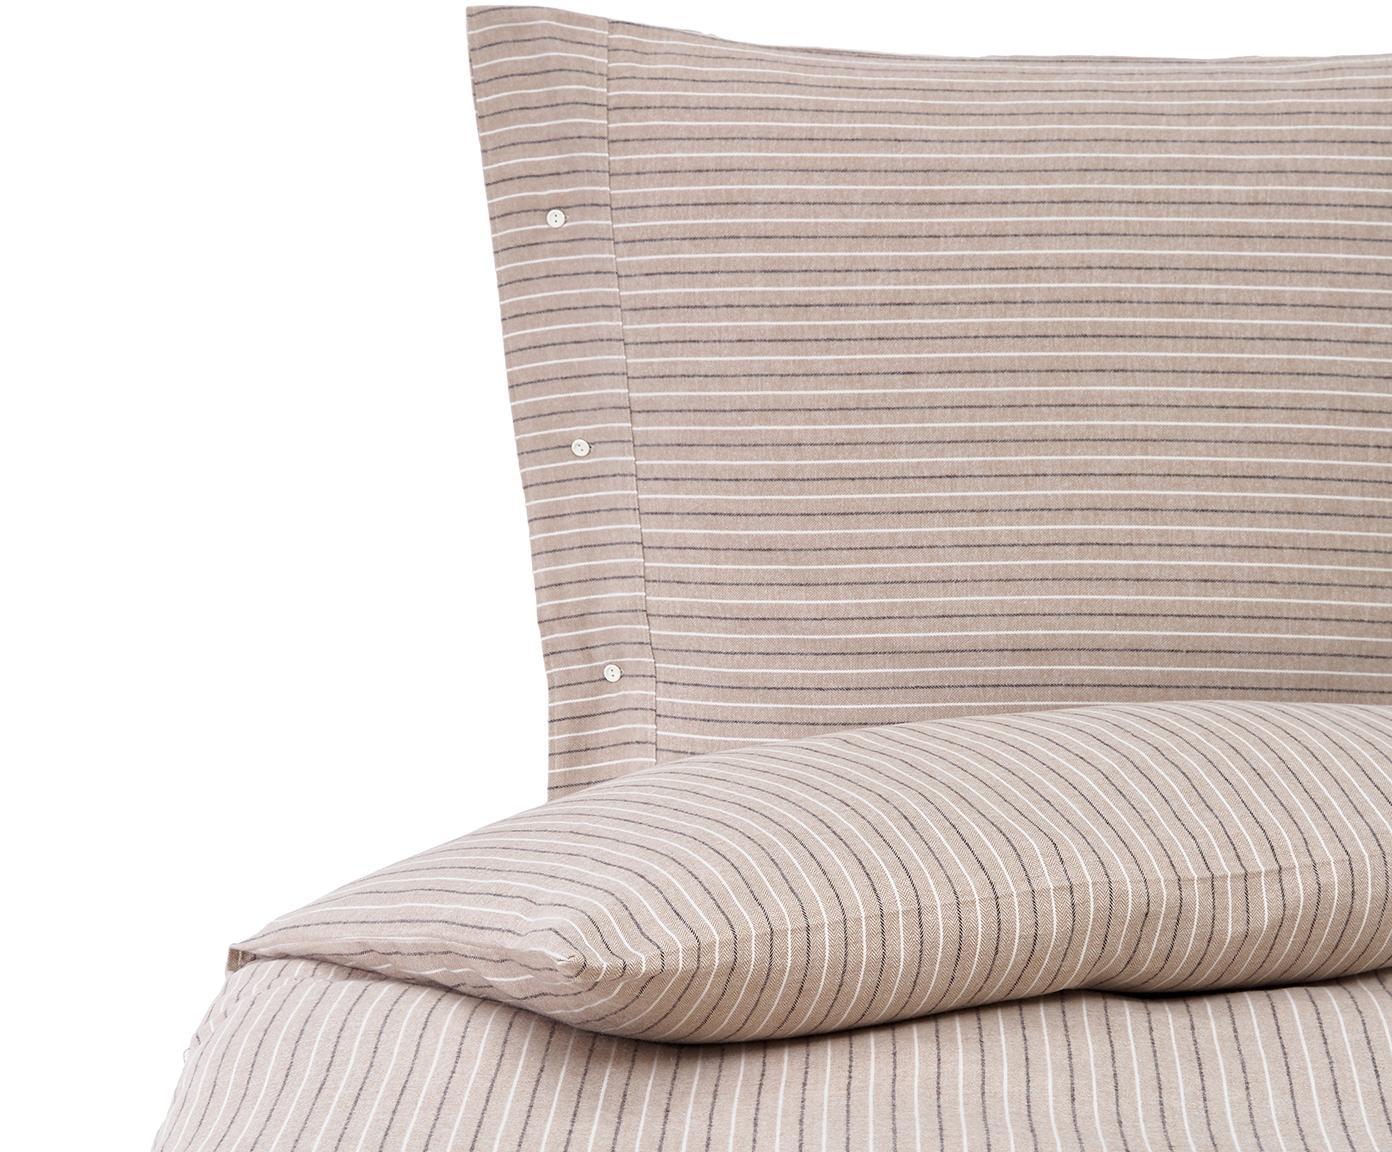 Zweifarbig gestreifte Flanell-Bettwäsche Stropal, Webart: Flanell Fadendichte 110 T, Beige, Weiß, Schwarz, 135 x 200 cm + 1 Kissen 80 x 80 cm